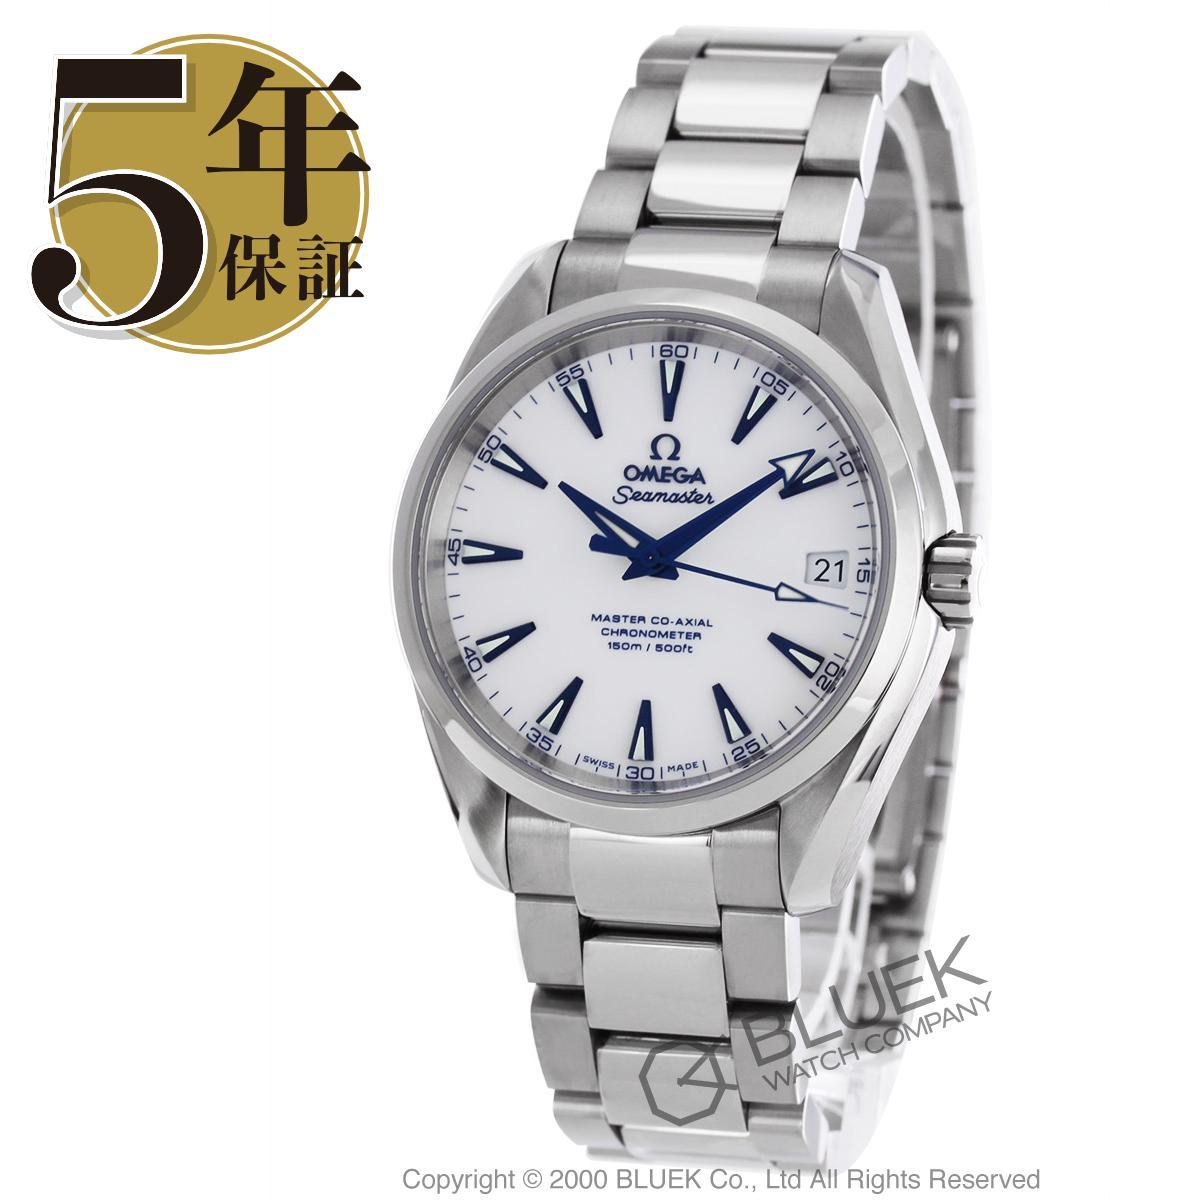 オメガ シーマスター アクアテラ グッドプラネット 腕時計 メンズ OMEGA 231.90.39.21.04.001_5